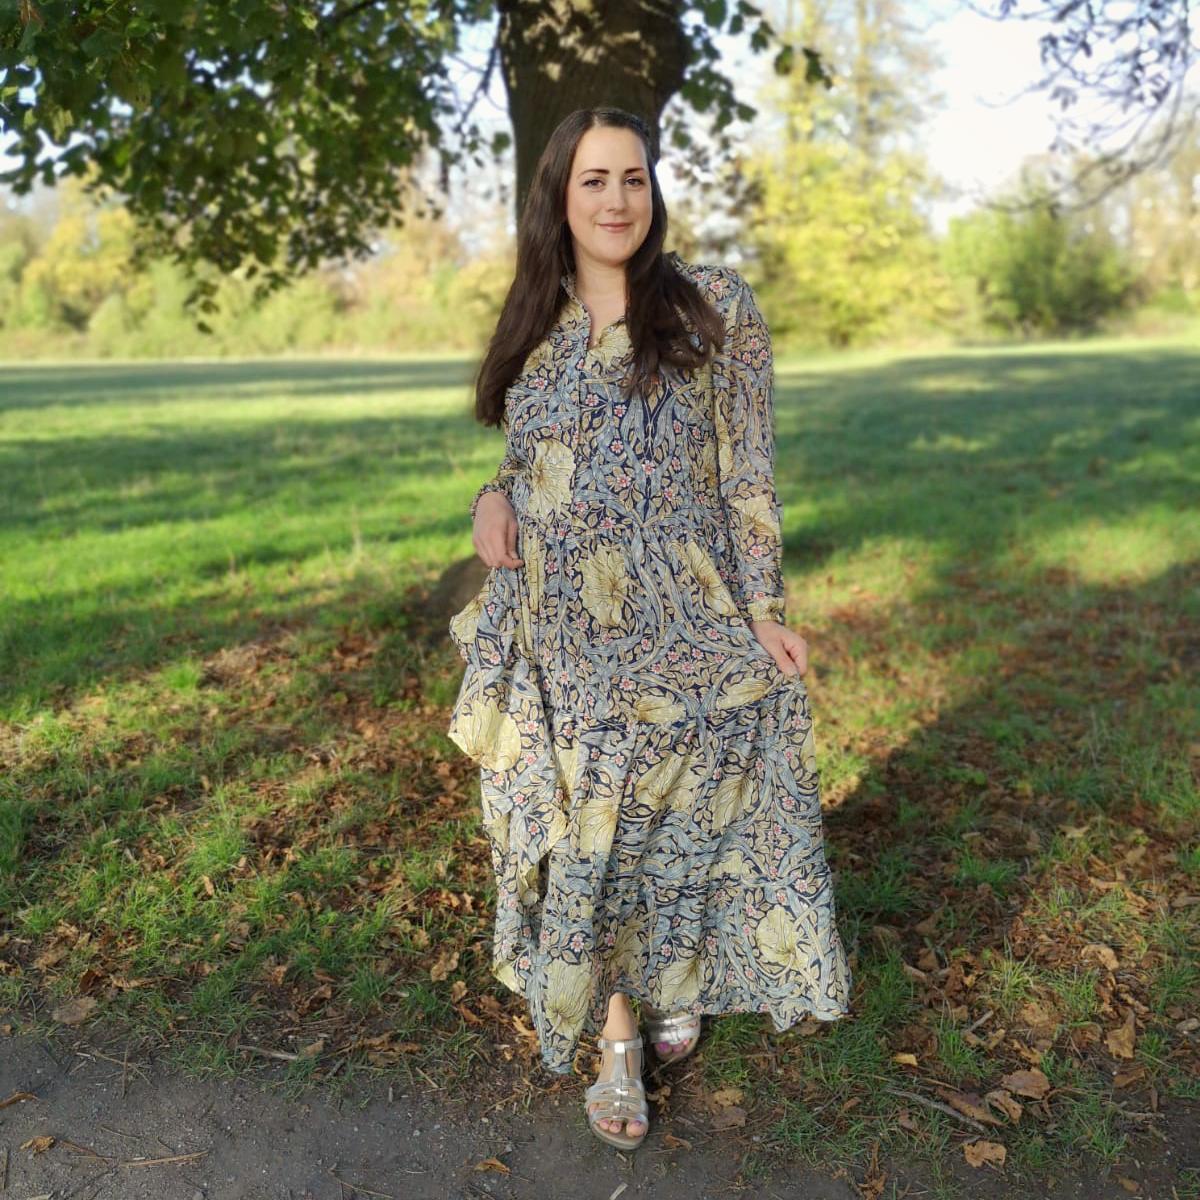 H&M William Morris Dress